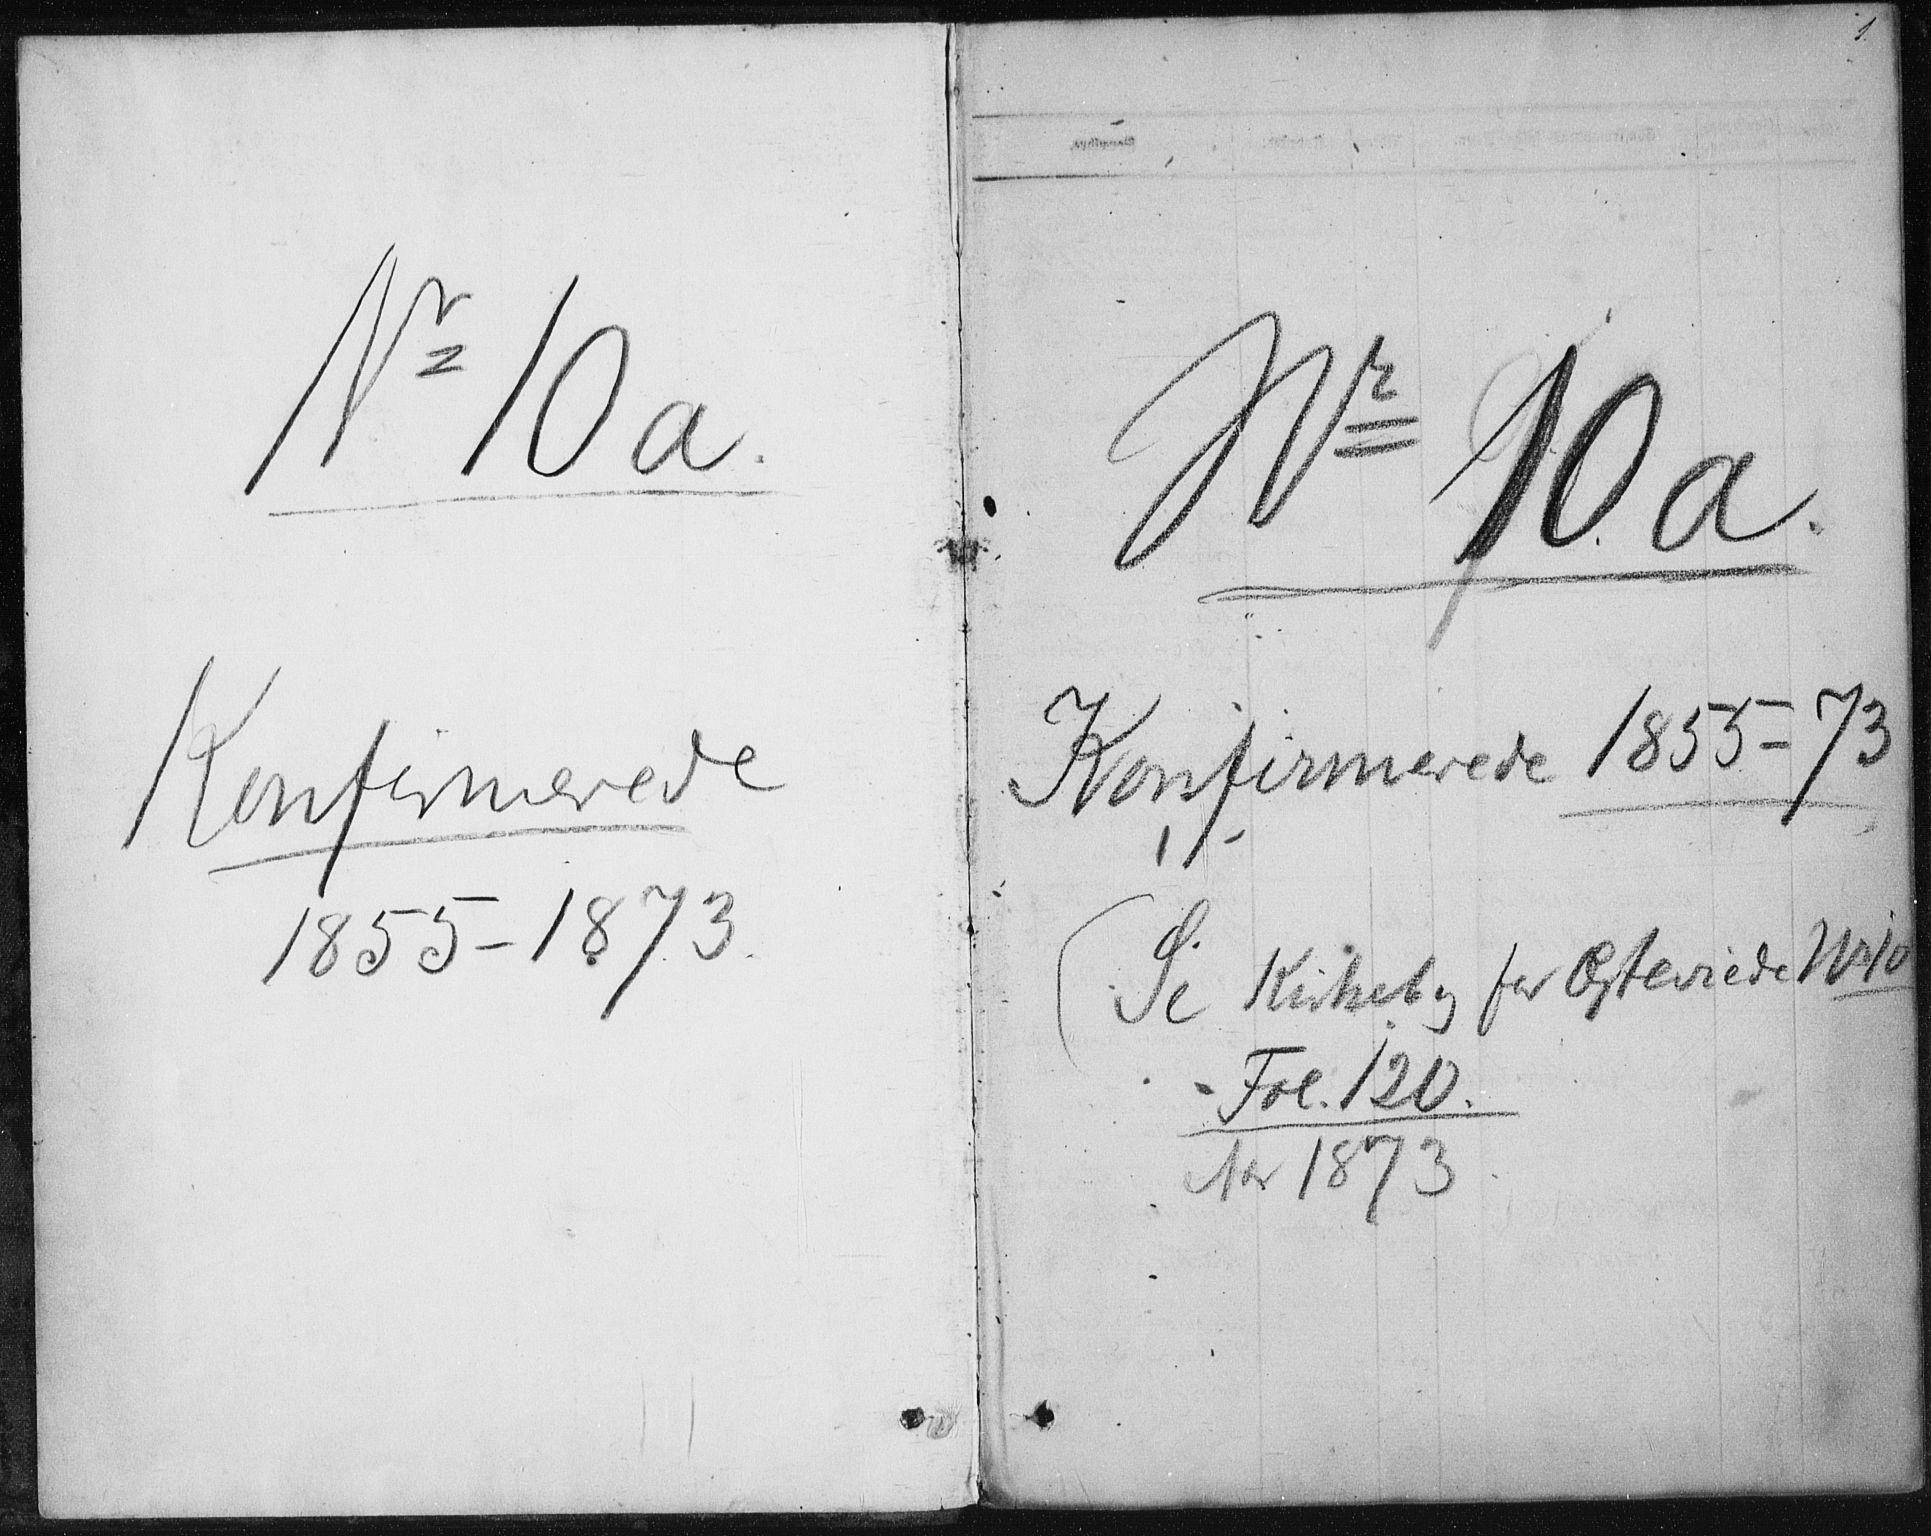 SAKO, Sannidal kirkebøker, F/Fa/L0009: Ministerialbok nr. 9, 1855-1873, s. 1